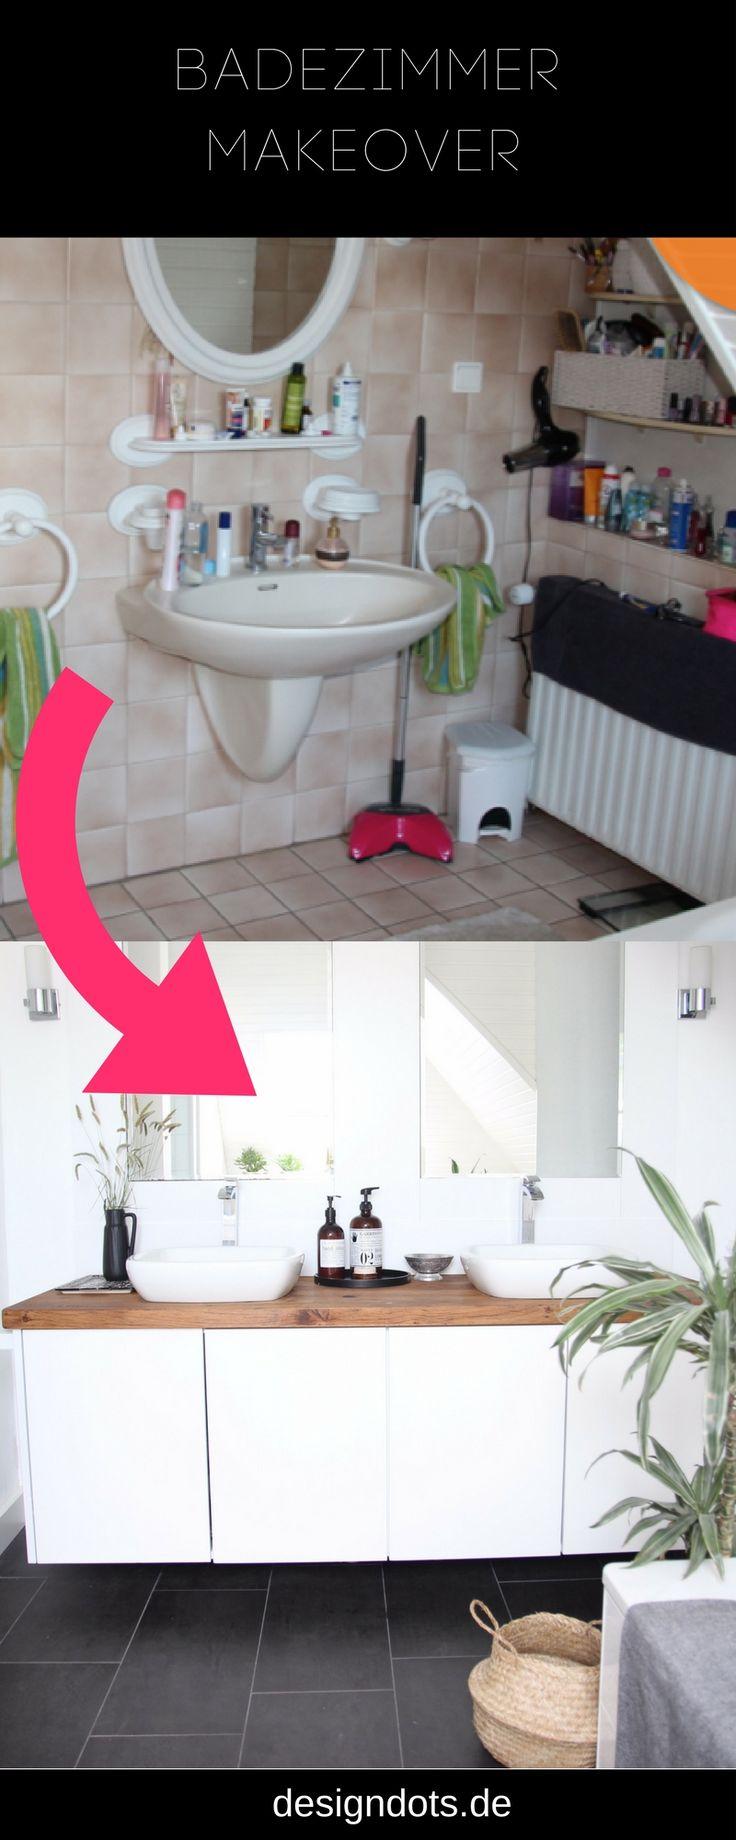 Badezimmer selbst renoveiren: vorher nachher Bilder. Ideen, Inspiraiton und Kosten. Modernes Bad skandinavisches Design. weiß und grau, mit Holz und Pflanzen